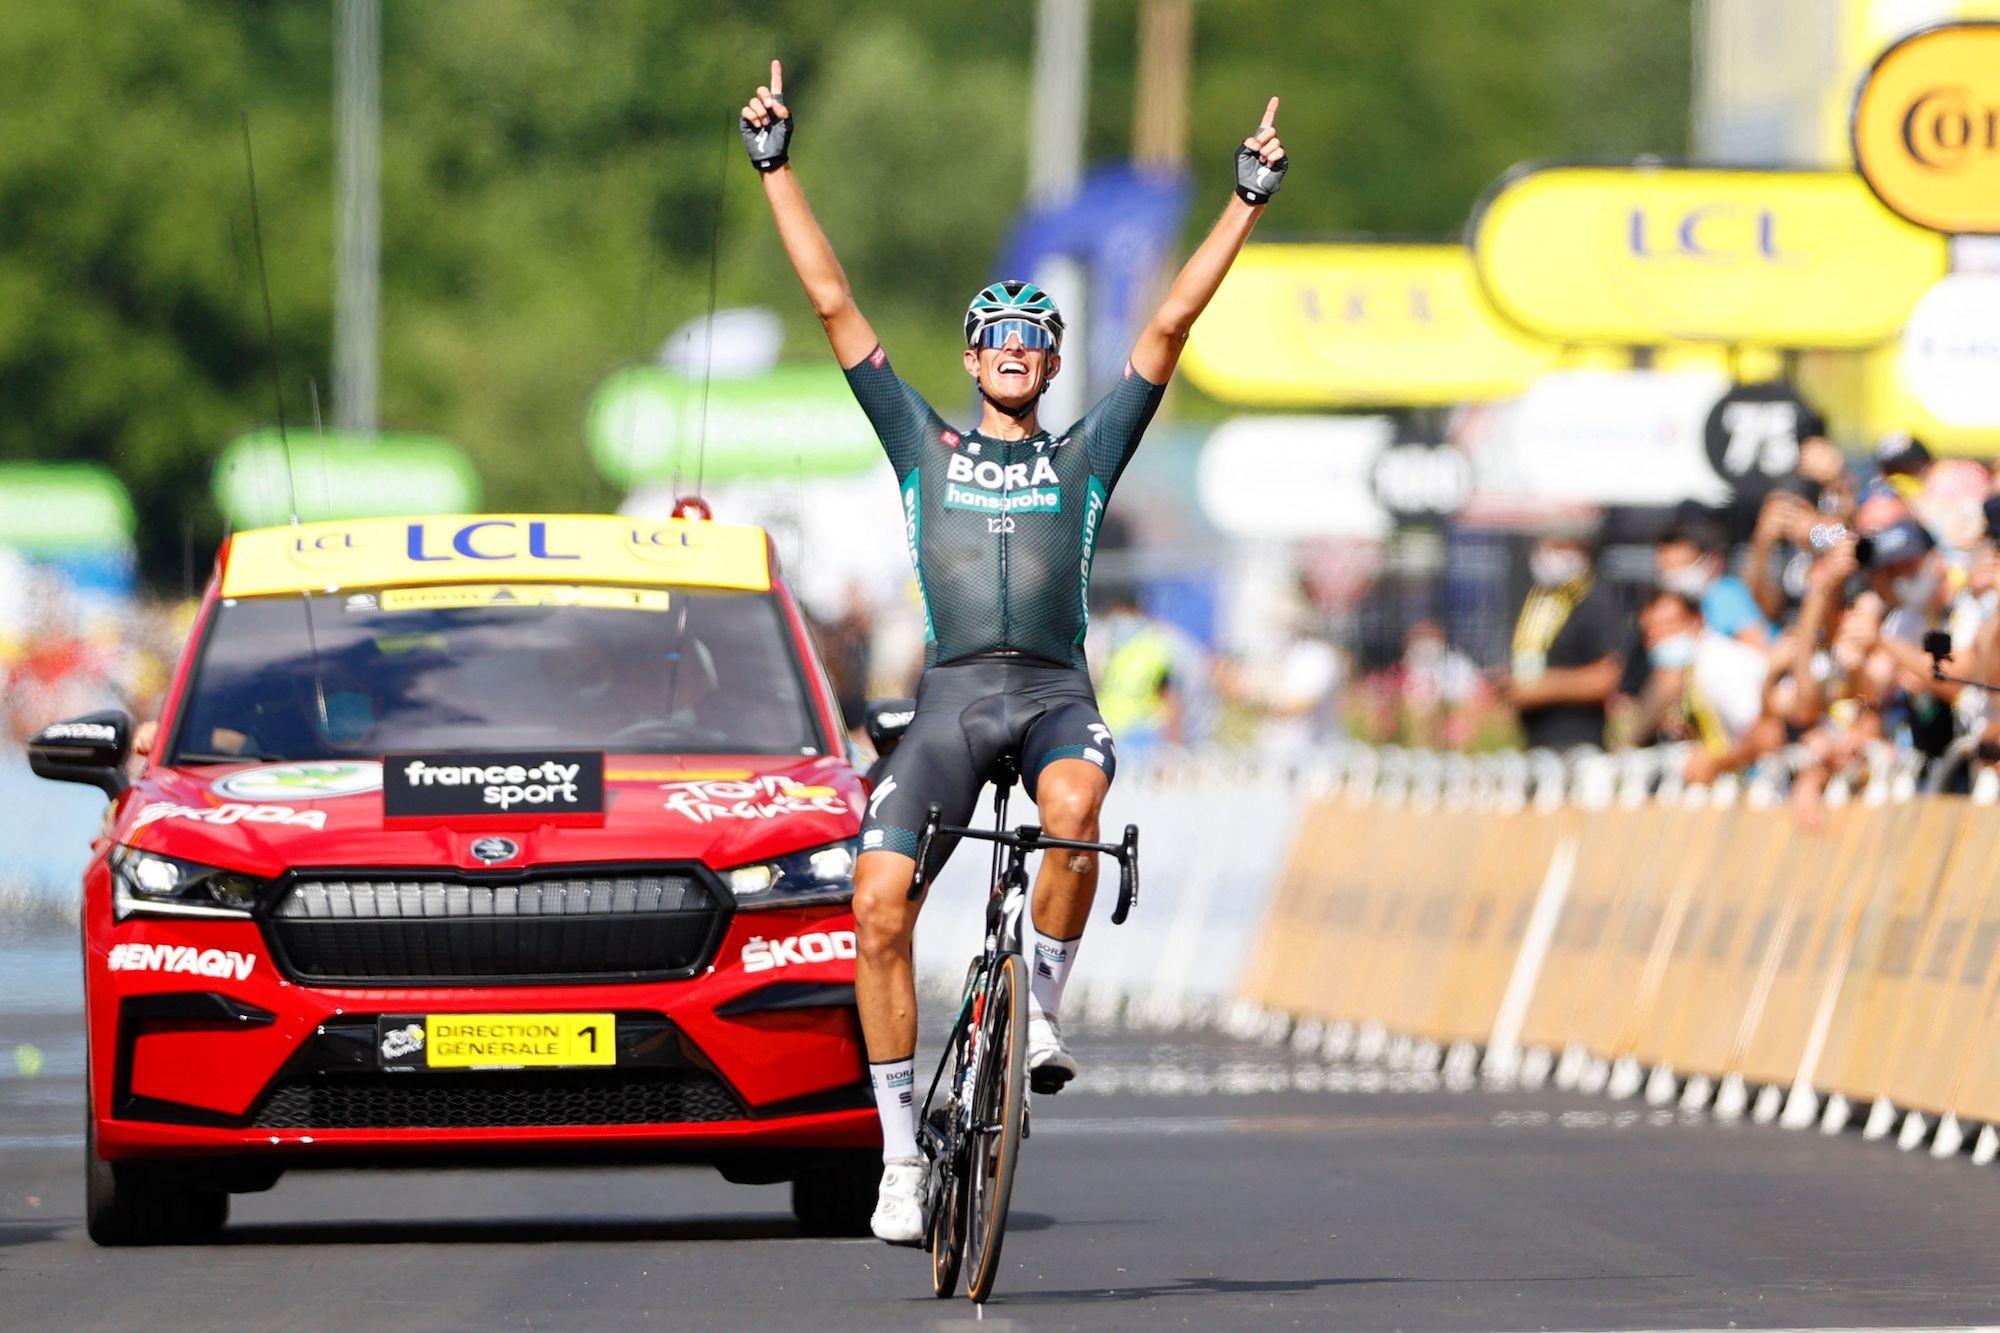 Nils Politt wins stage 12 of the 2021 Tour de France